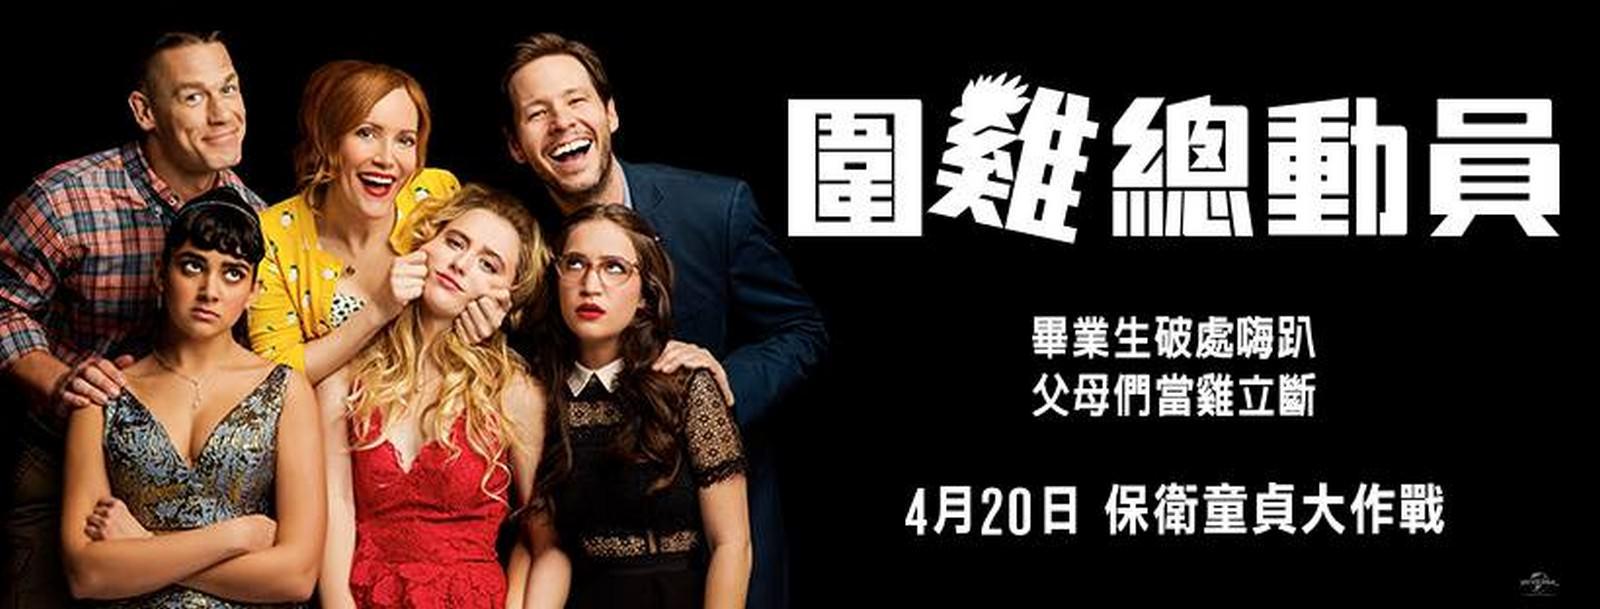 Movie, Blockers(美國) / 圍雞總動員(台) / 反啪啪同盟(港) / 护航父母(網), 電影海報, 台灣, 橫版